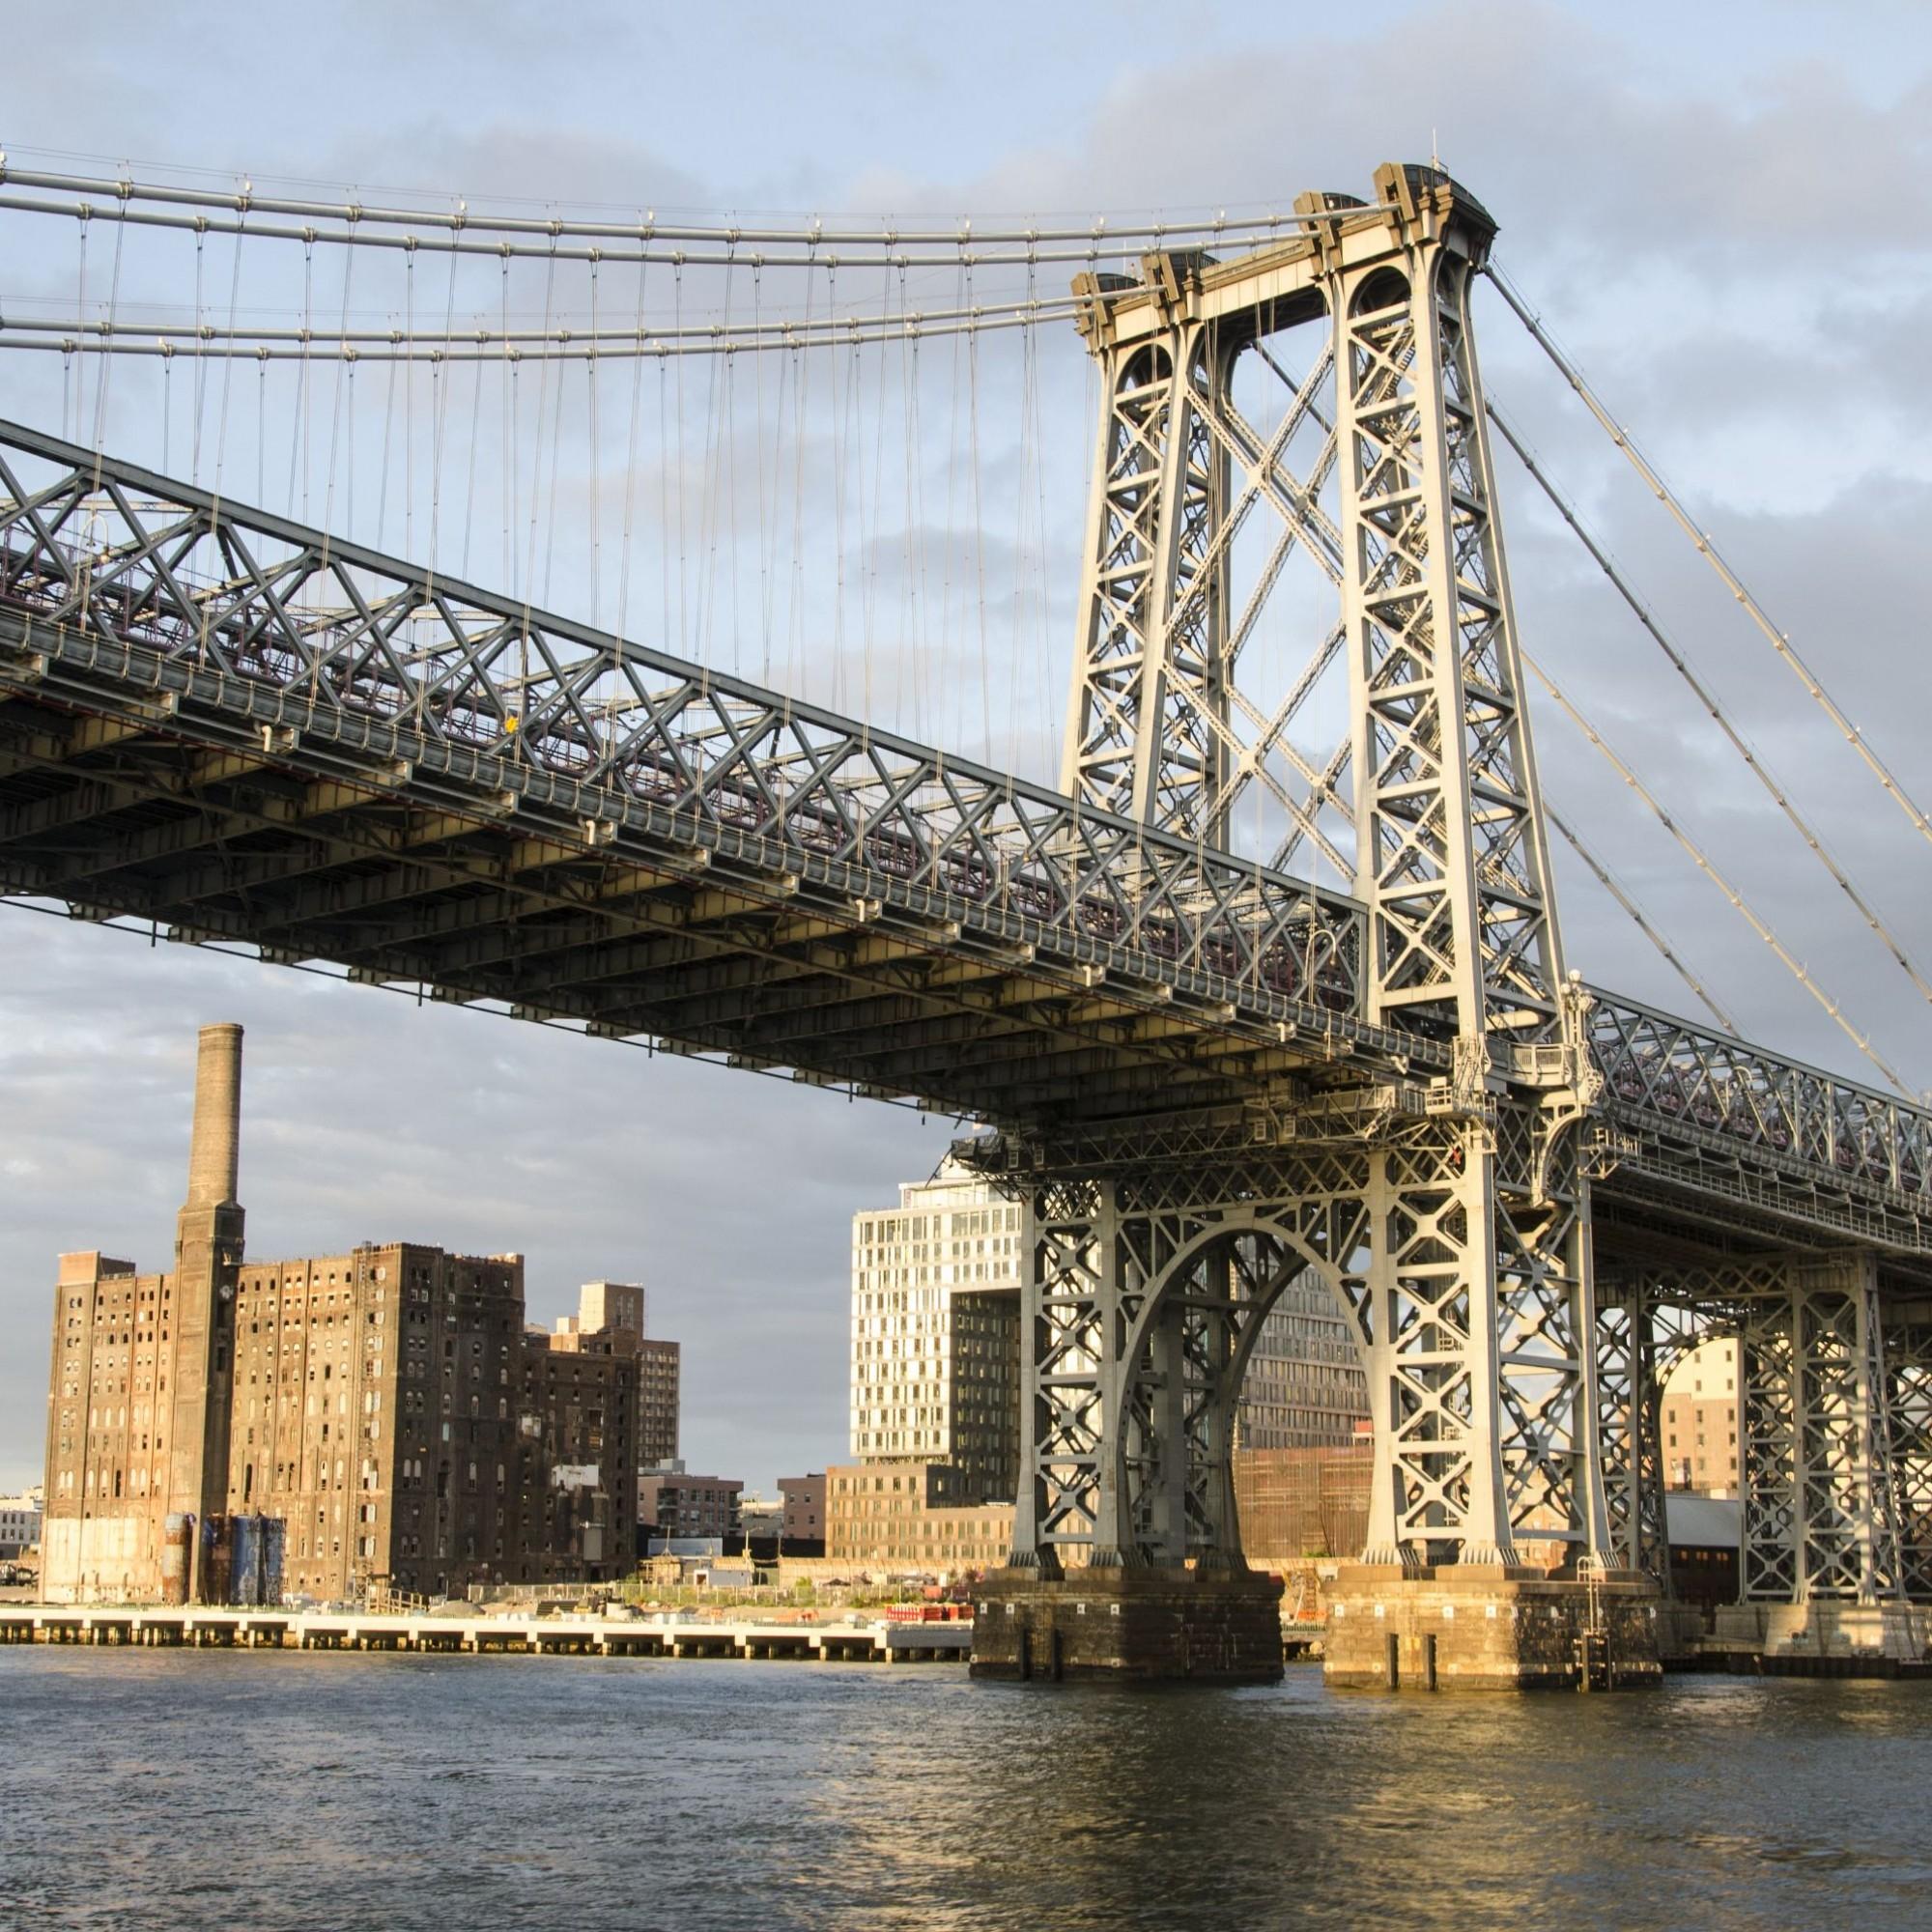 Heute finden auf den zwei Ebenen der Manhattan Brücke ganze vier Gleise der New York City Subway, sieben Fahrspuren für den Verkehr und ein Fuss- und Radweg Platz.